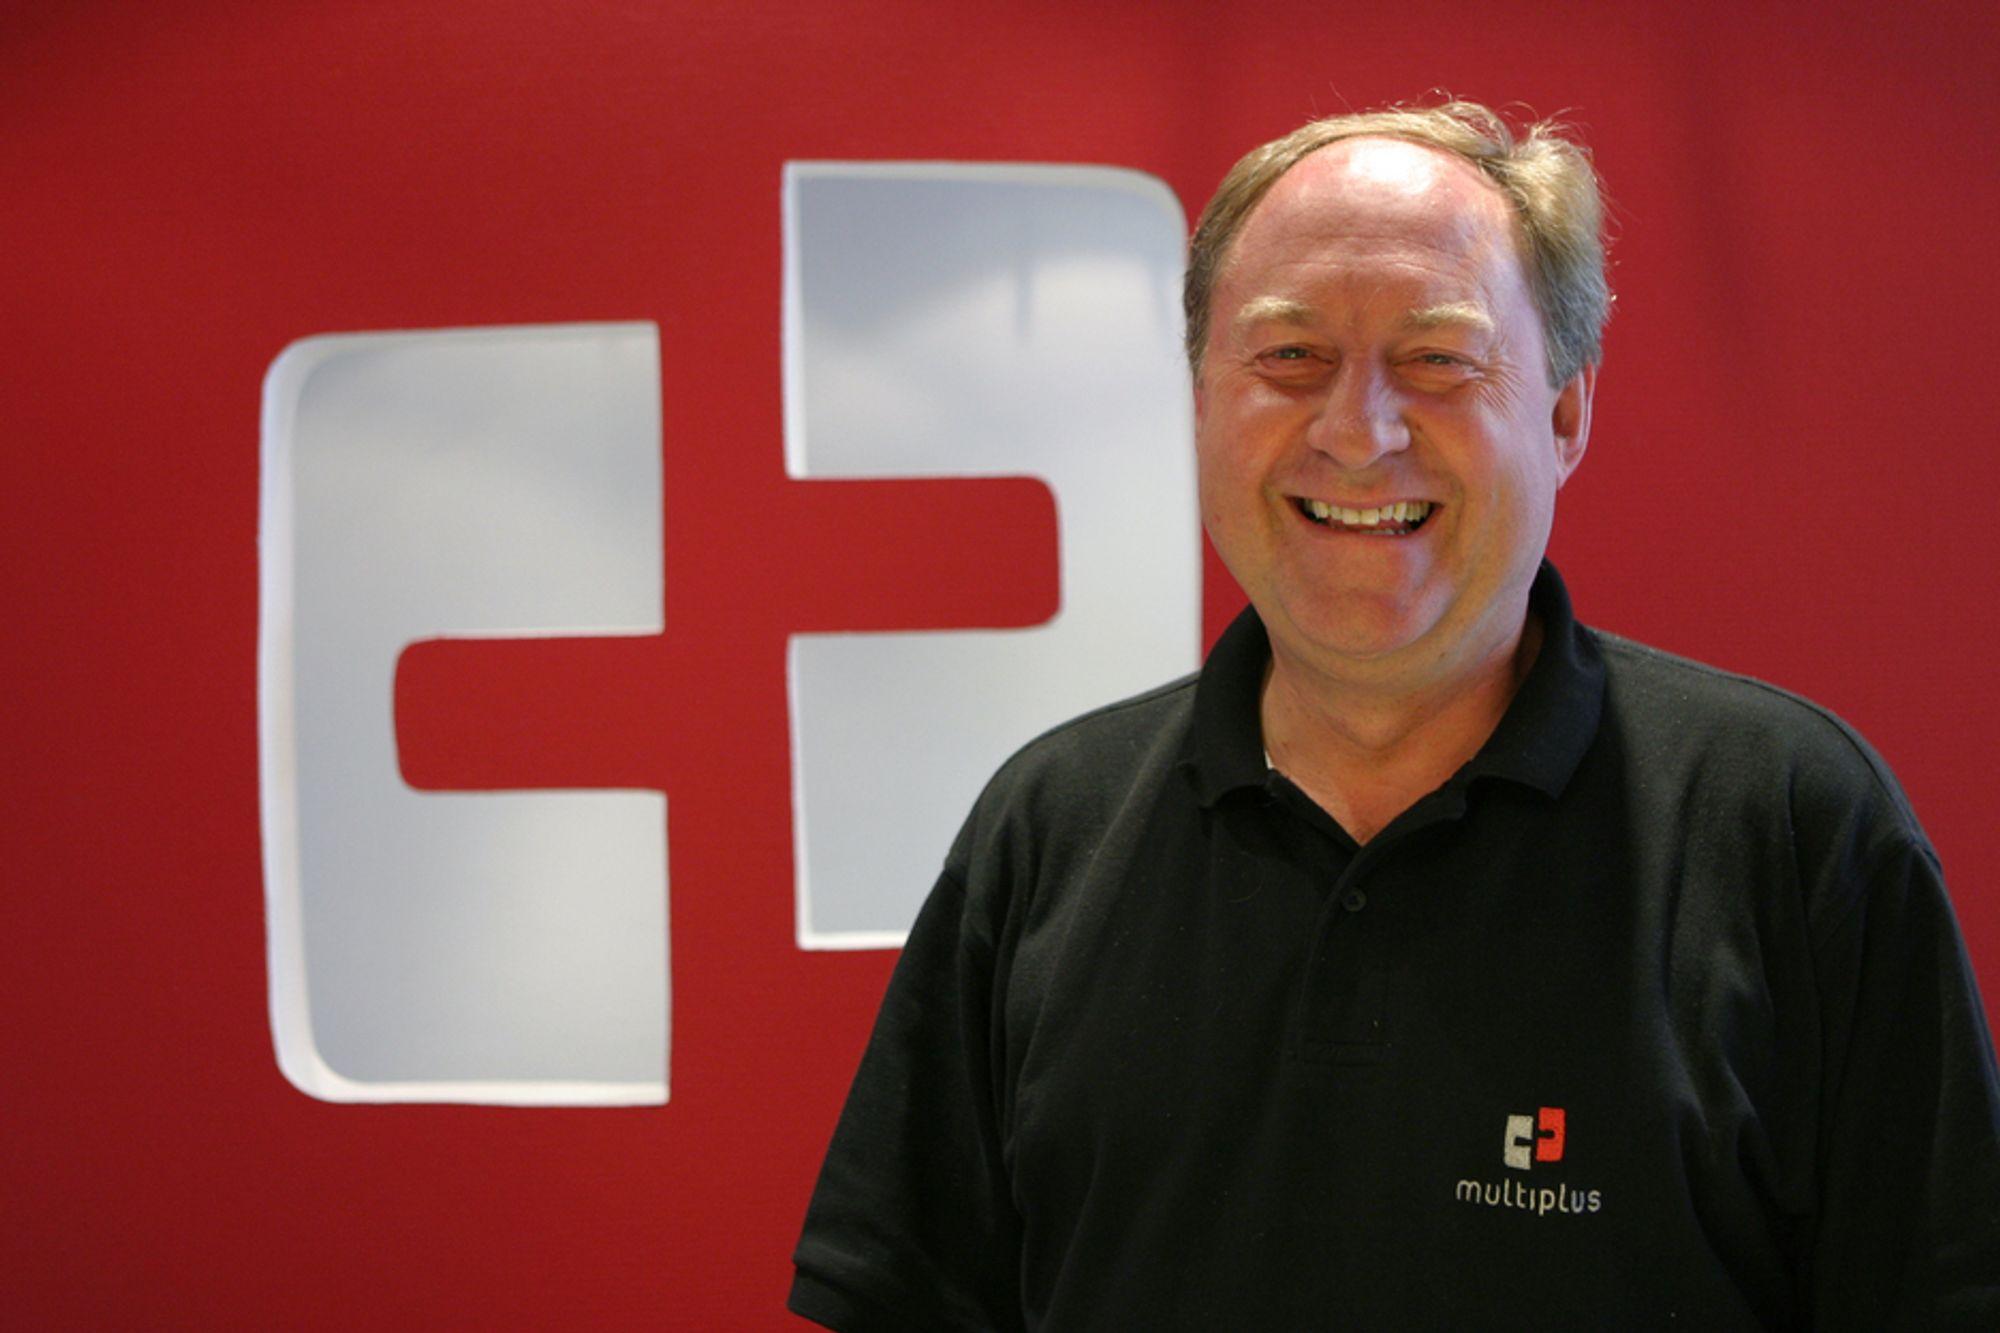 BLIR SVENSK: Multiplus Solutions og tjenestedirektør Per Olav Helgeland er i ferd med å havne på svenske hender.